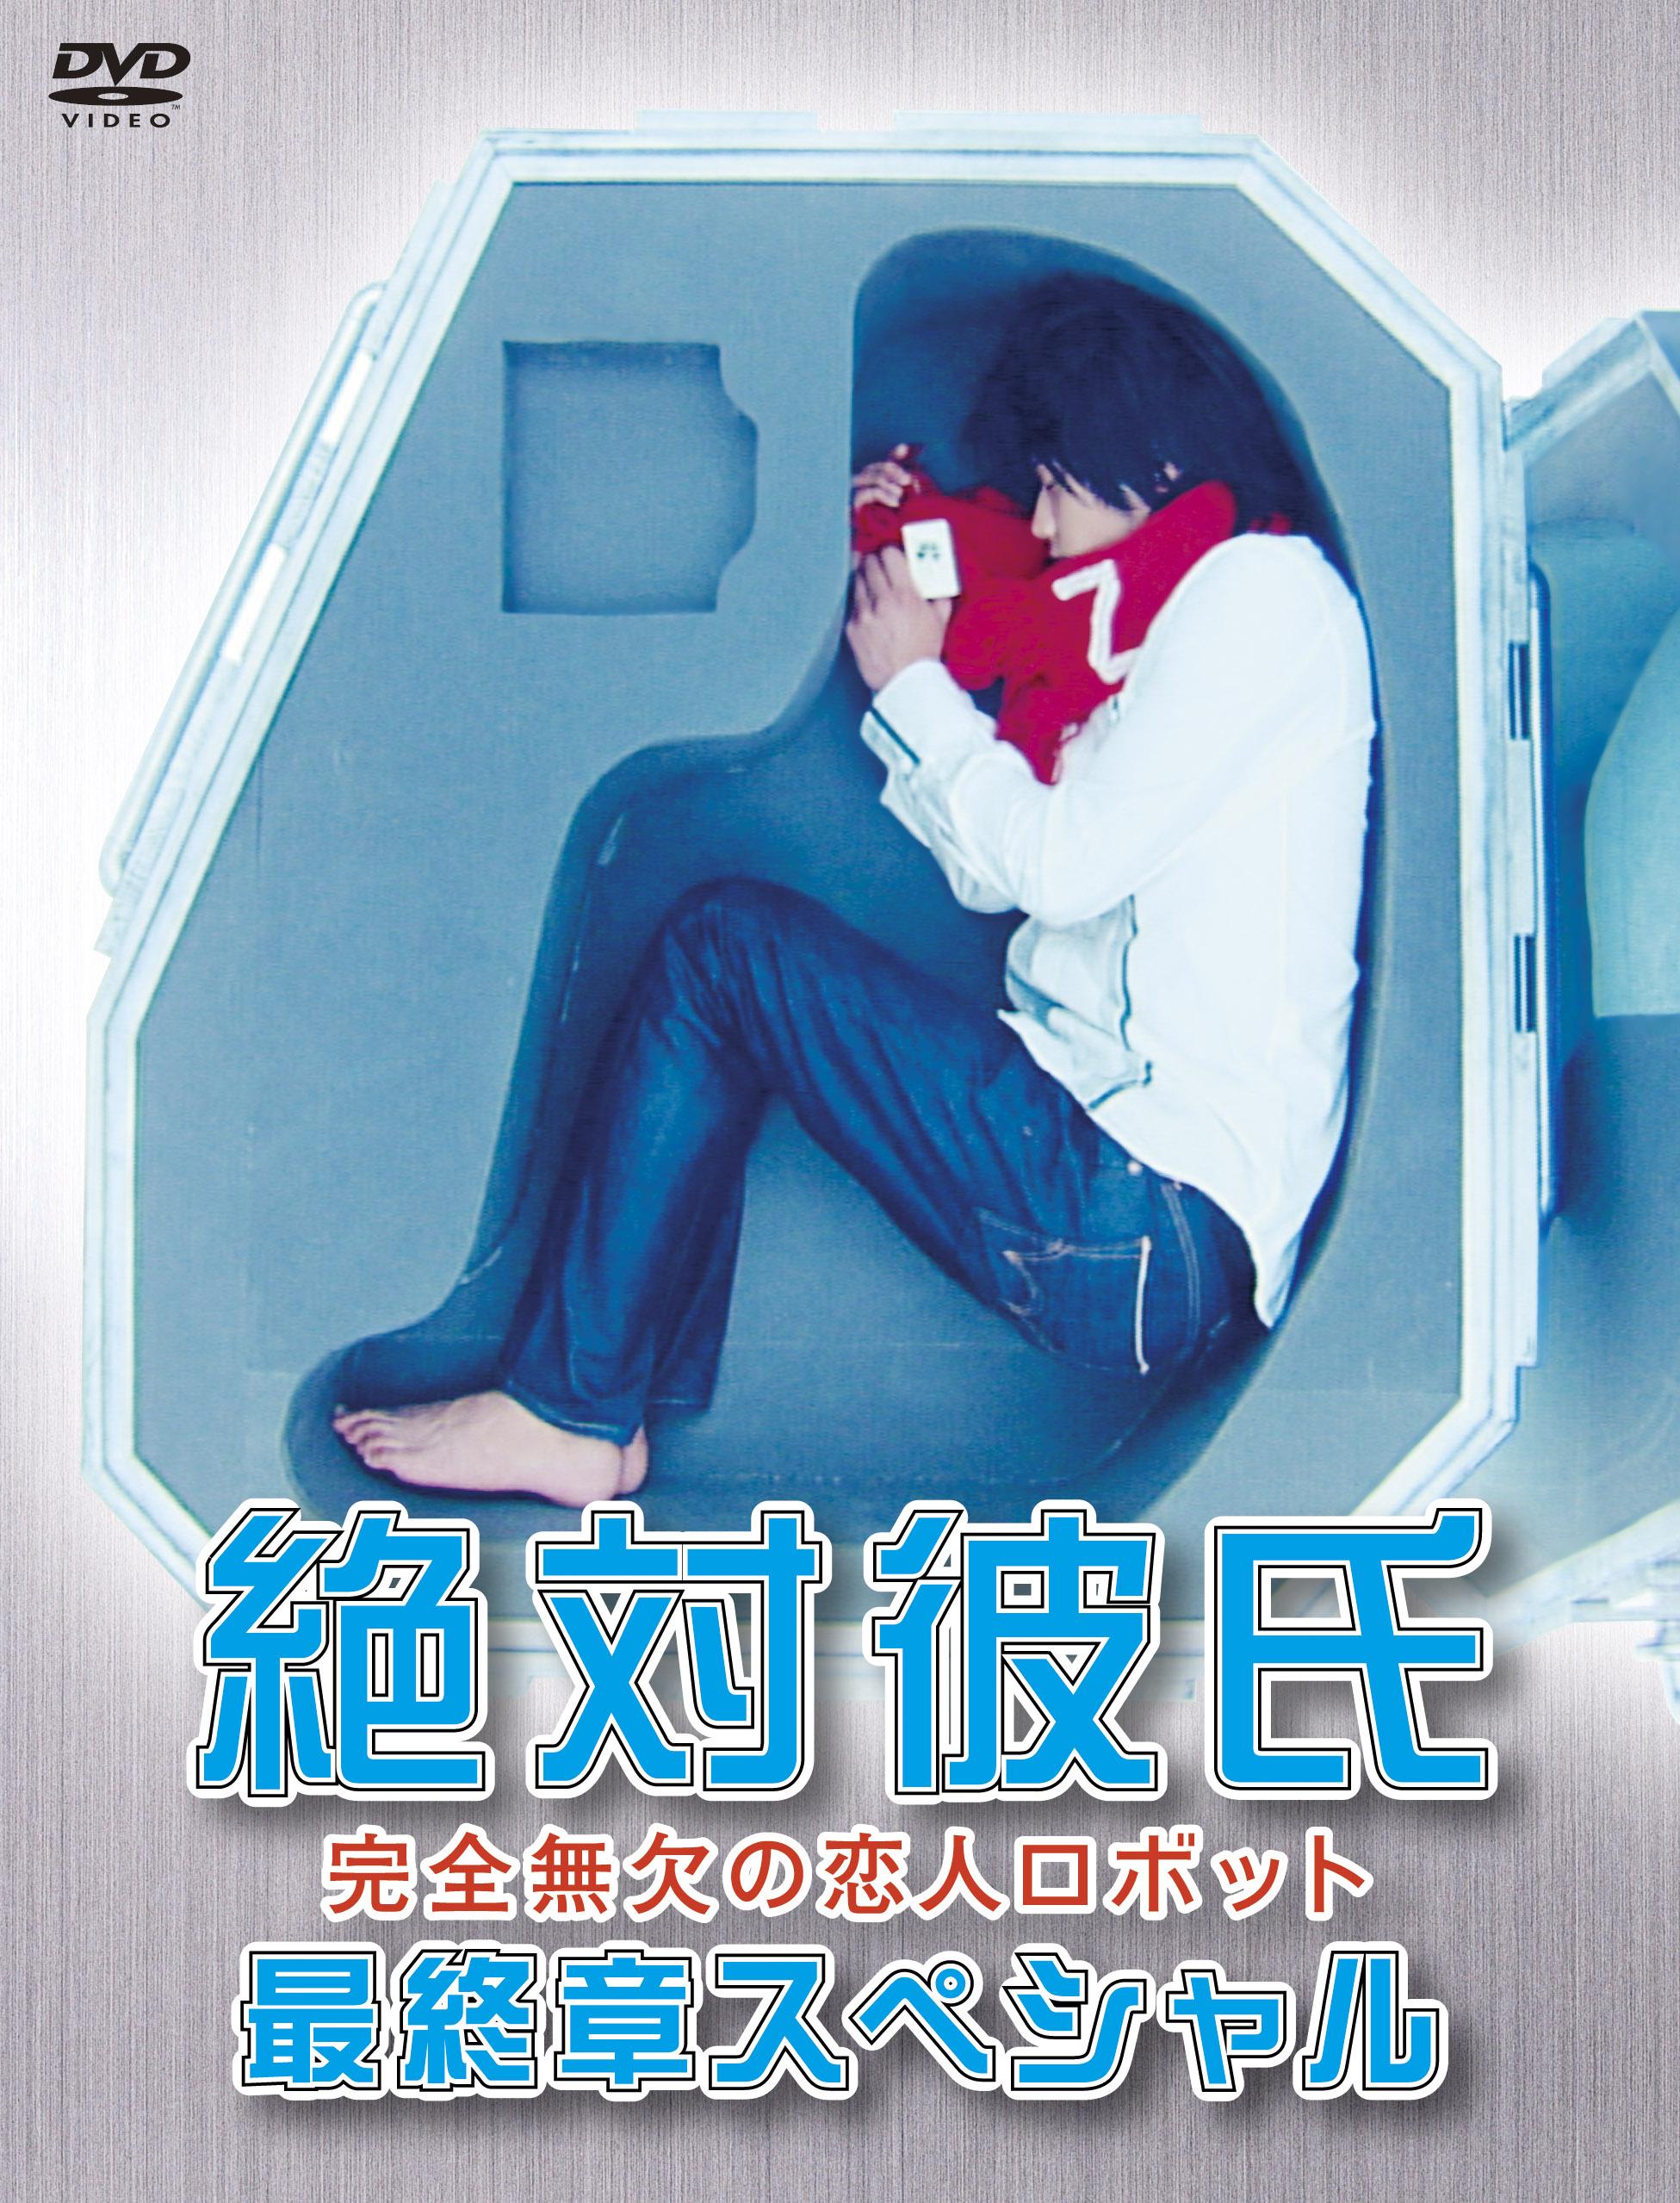 速水もこみち/絶対彼氏 ~完全無欠の恋人ロボット~最終章スペシャル